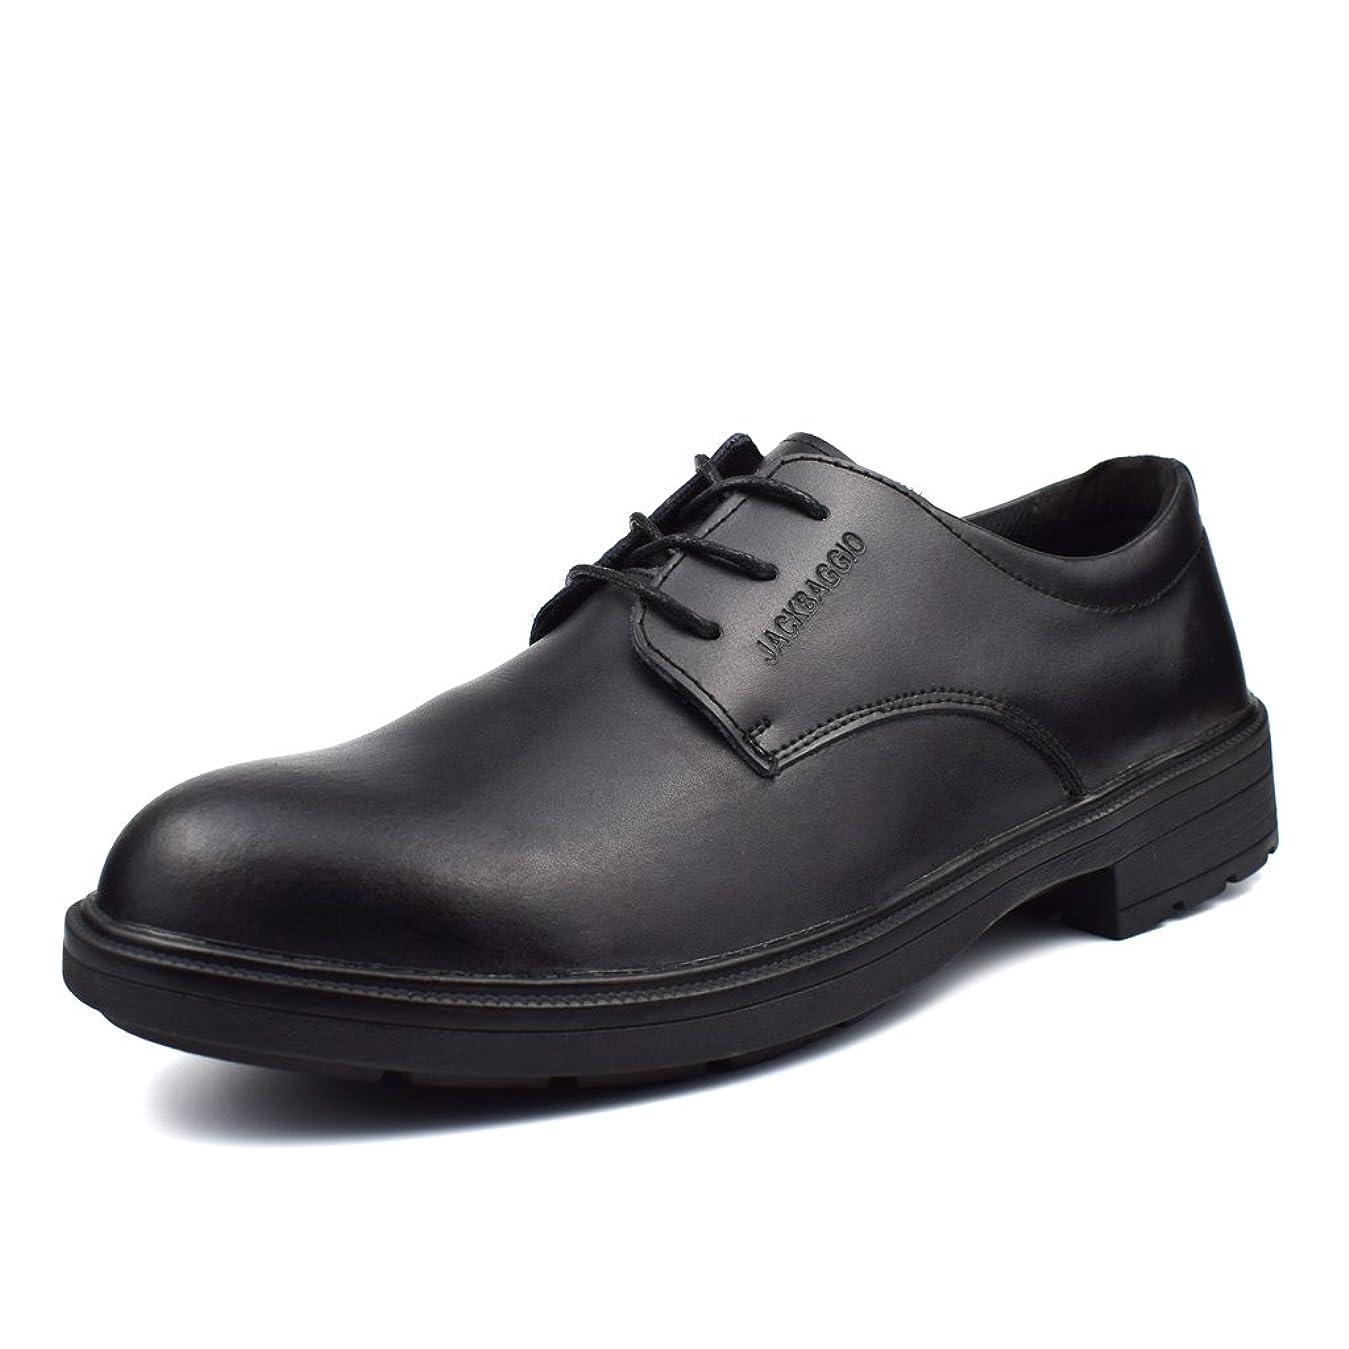 再編成する偽ボード[Placck] 安全 安全靴 コックシューズ 厨房シューズ 調理靴 作業靴 ビジネスシューズ 黒 防水 防滑 防油 24cm-27.5cm